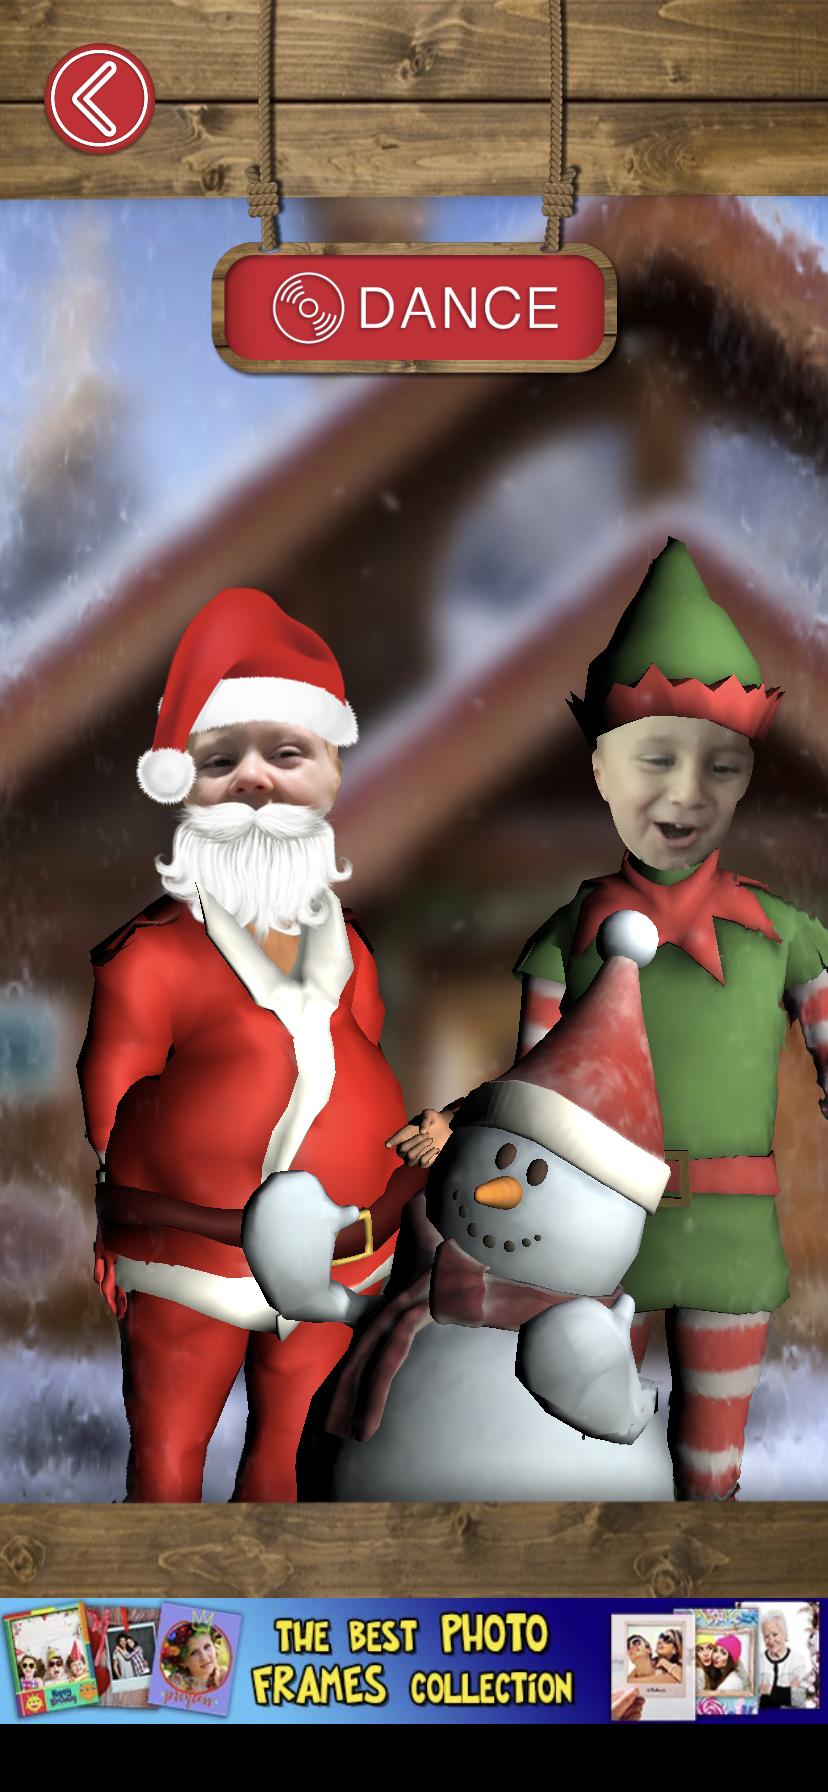 Aplicación de movimientos de baile de Navidad